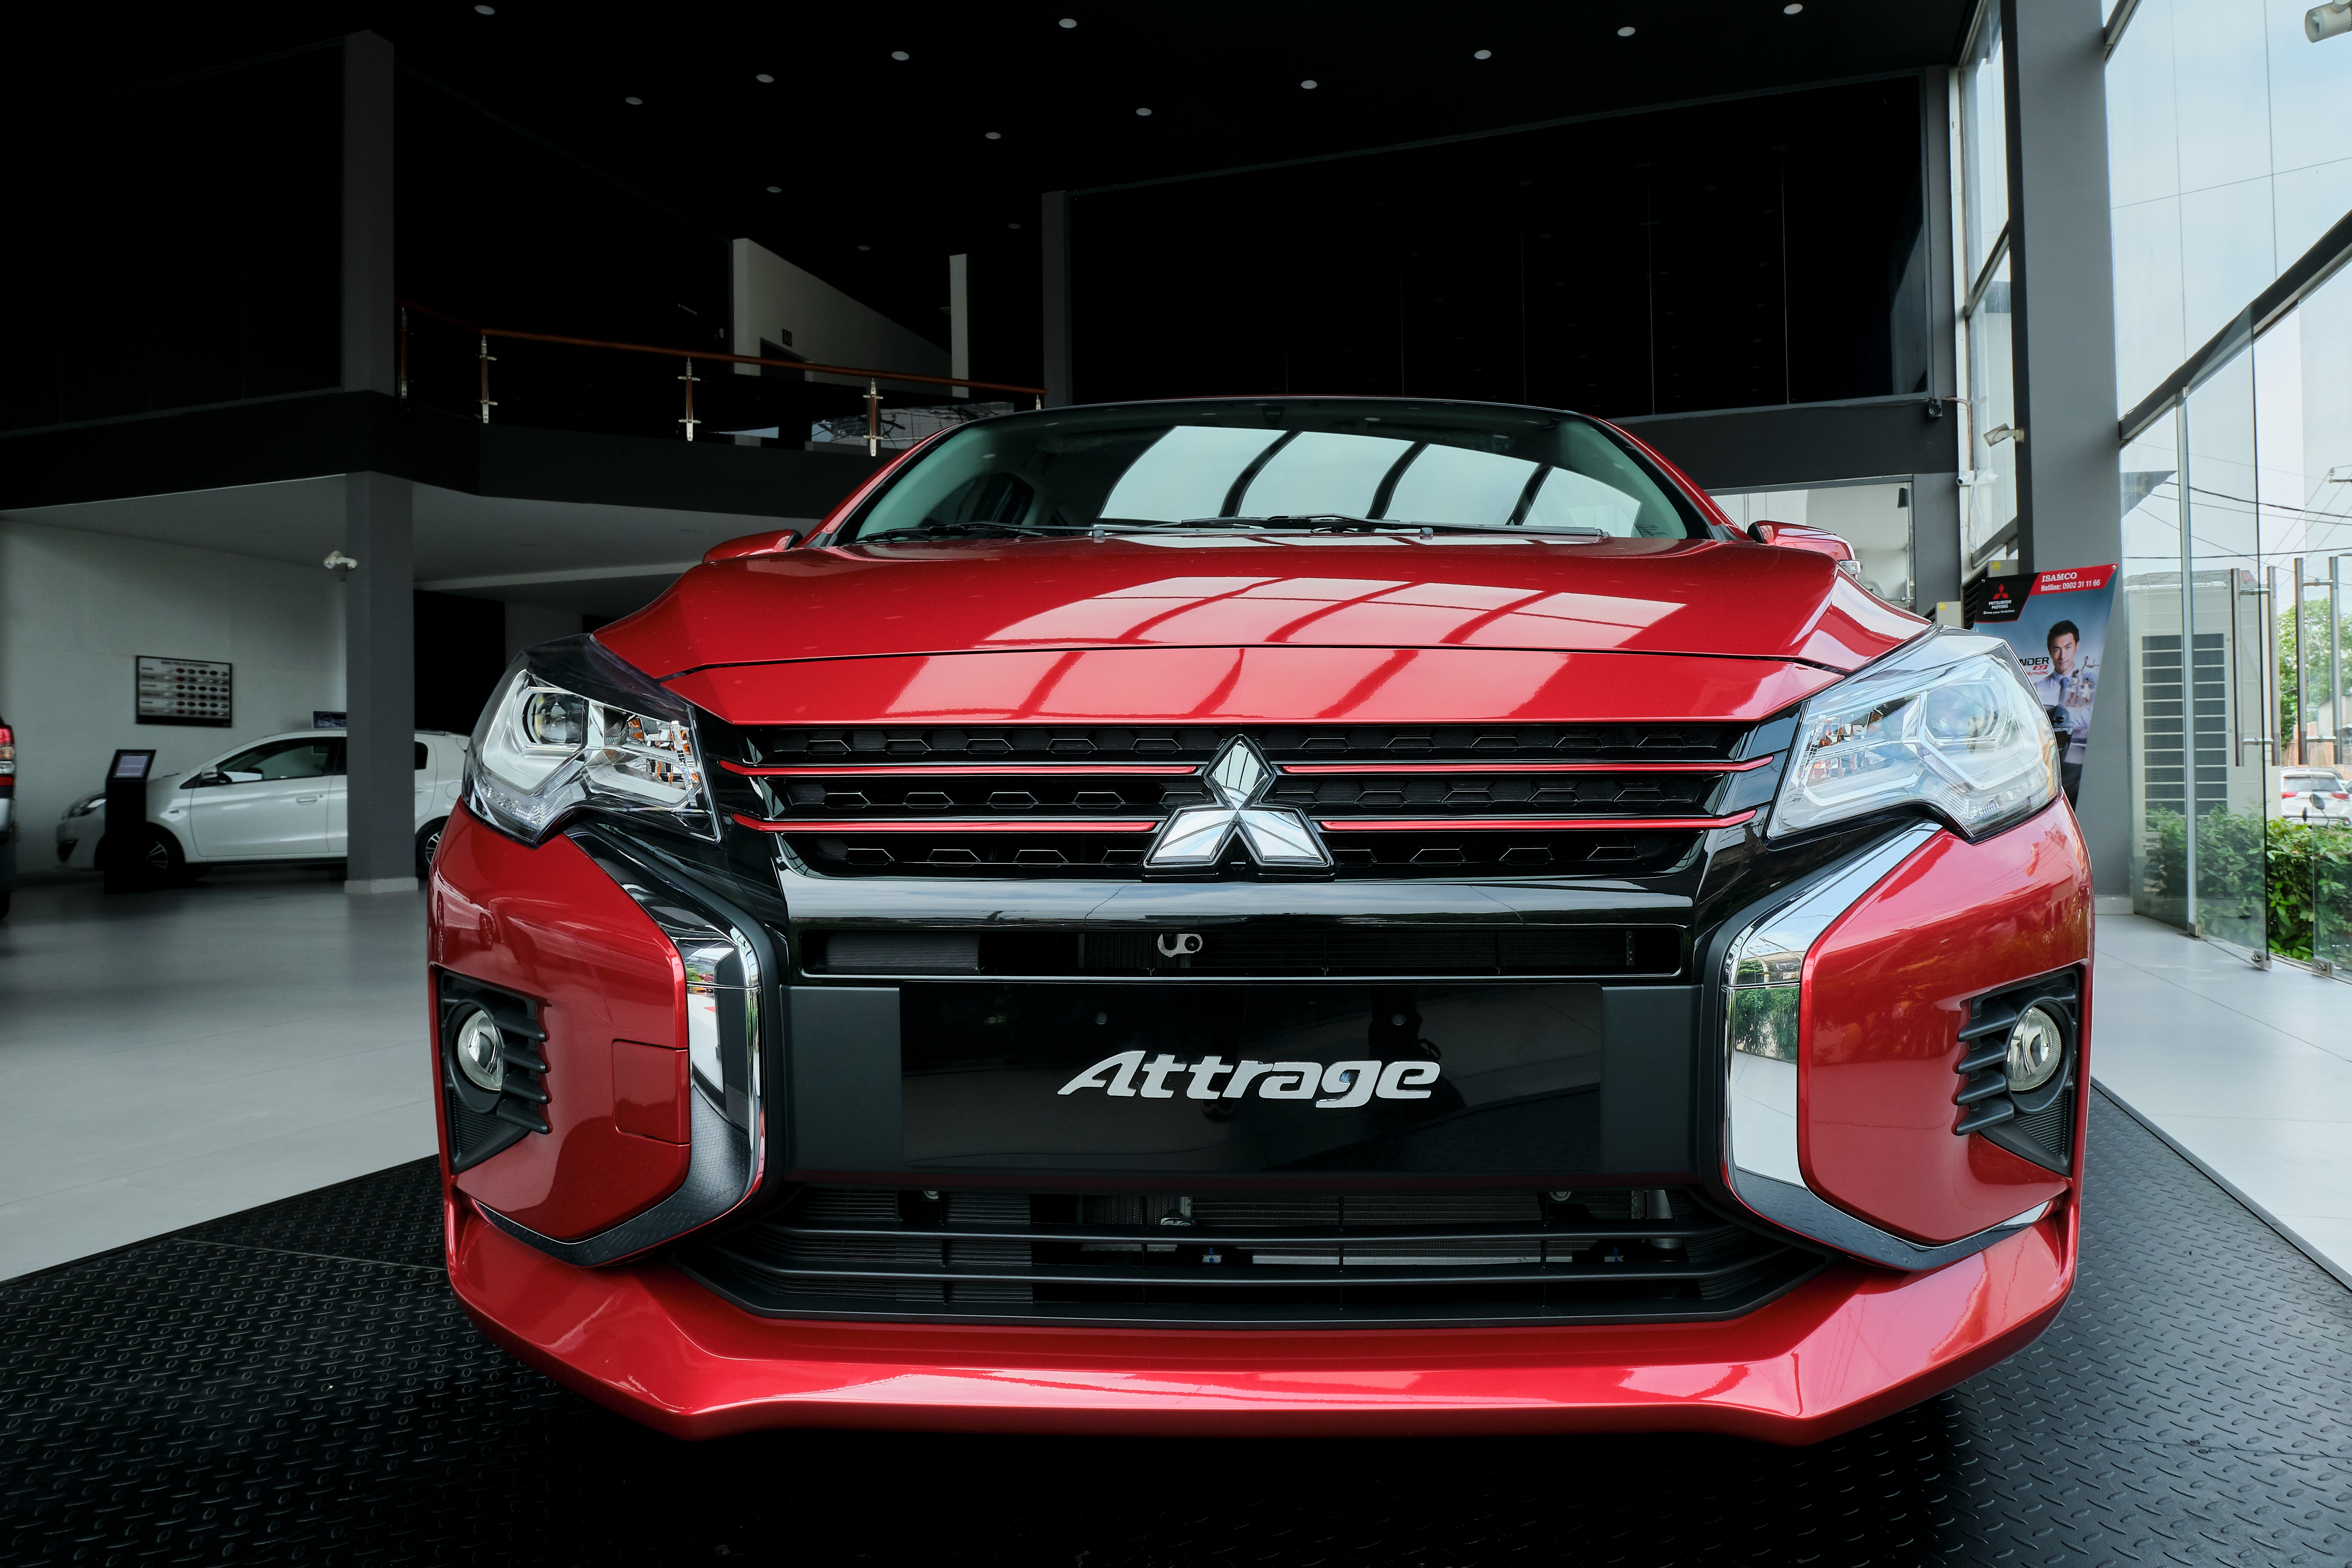 Giá xe Mitsubishi Attrage 2020 tháng 06/2020: Tặng bảo hiểm vật chất trị giá 7 triệu đồng